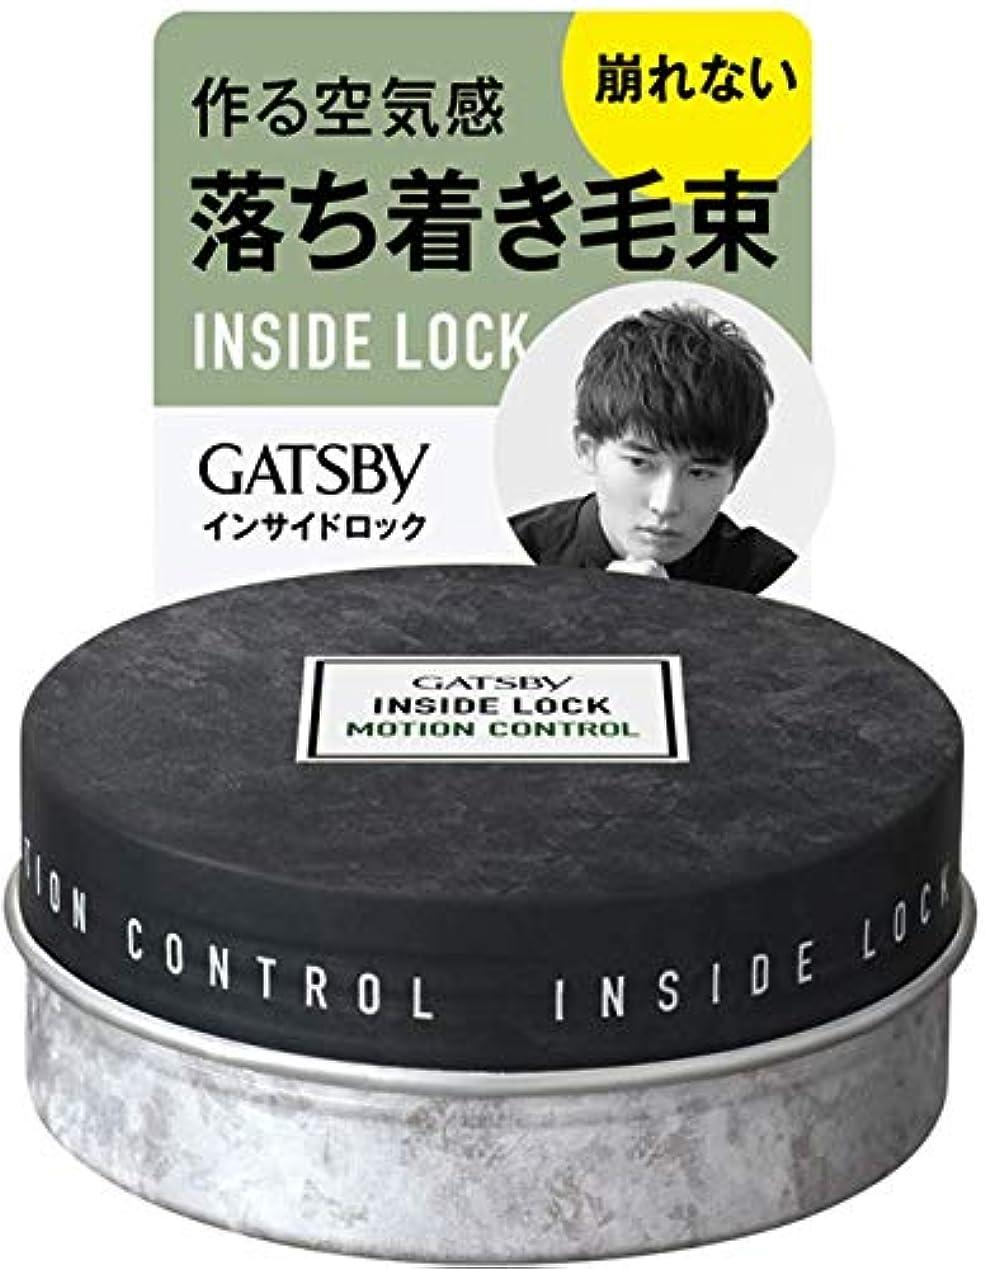 政治家のペナルティアーティキュレーションGATSBY(ギャツビー) ギャツビー インサイドロック モーションコントロール ワックス ヘアワックス 75g×6個